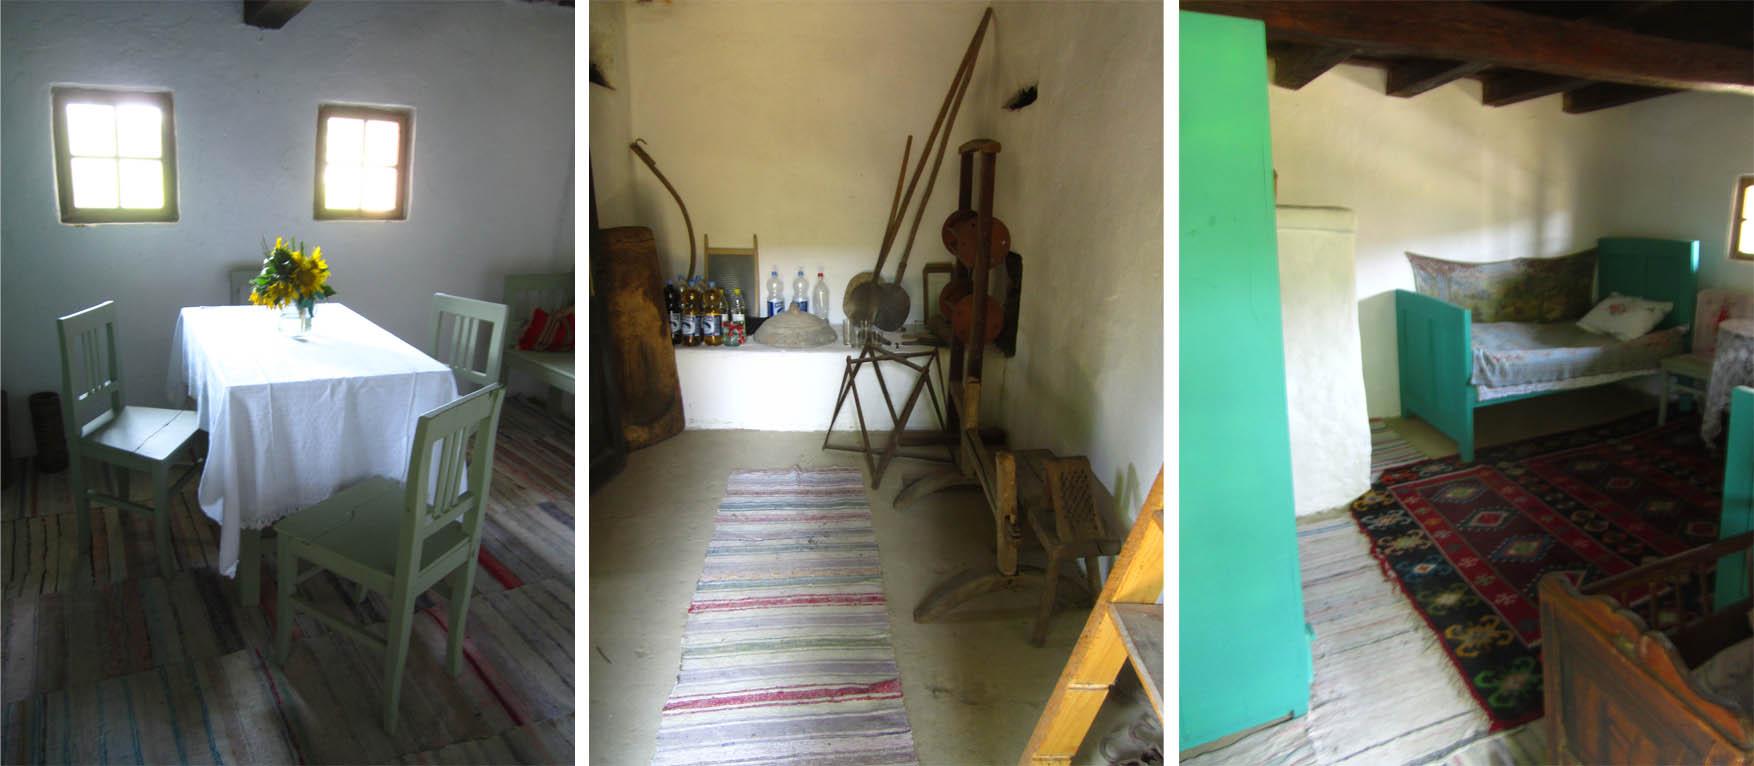 21 Nestin Muzej na otvorenom kuca Savica